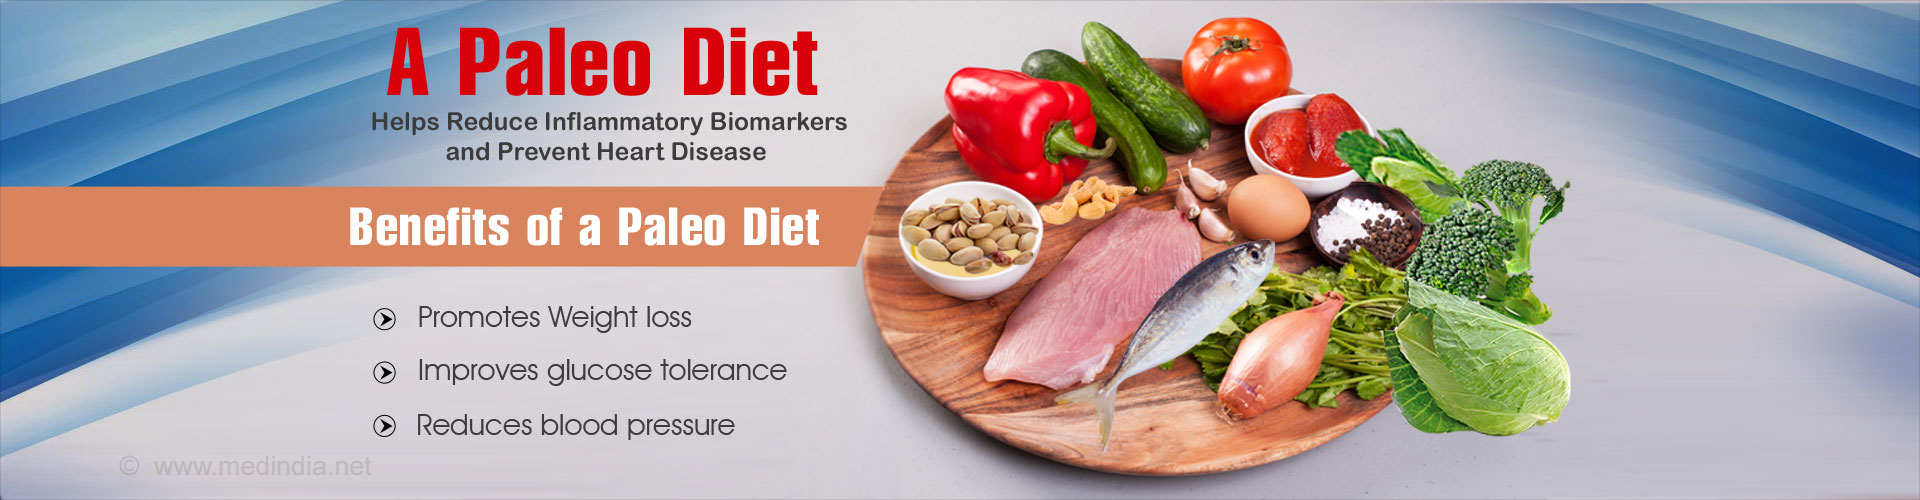 Benefits of a Paleo Diet